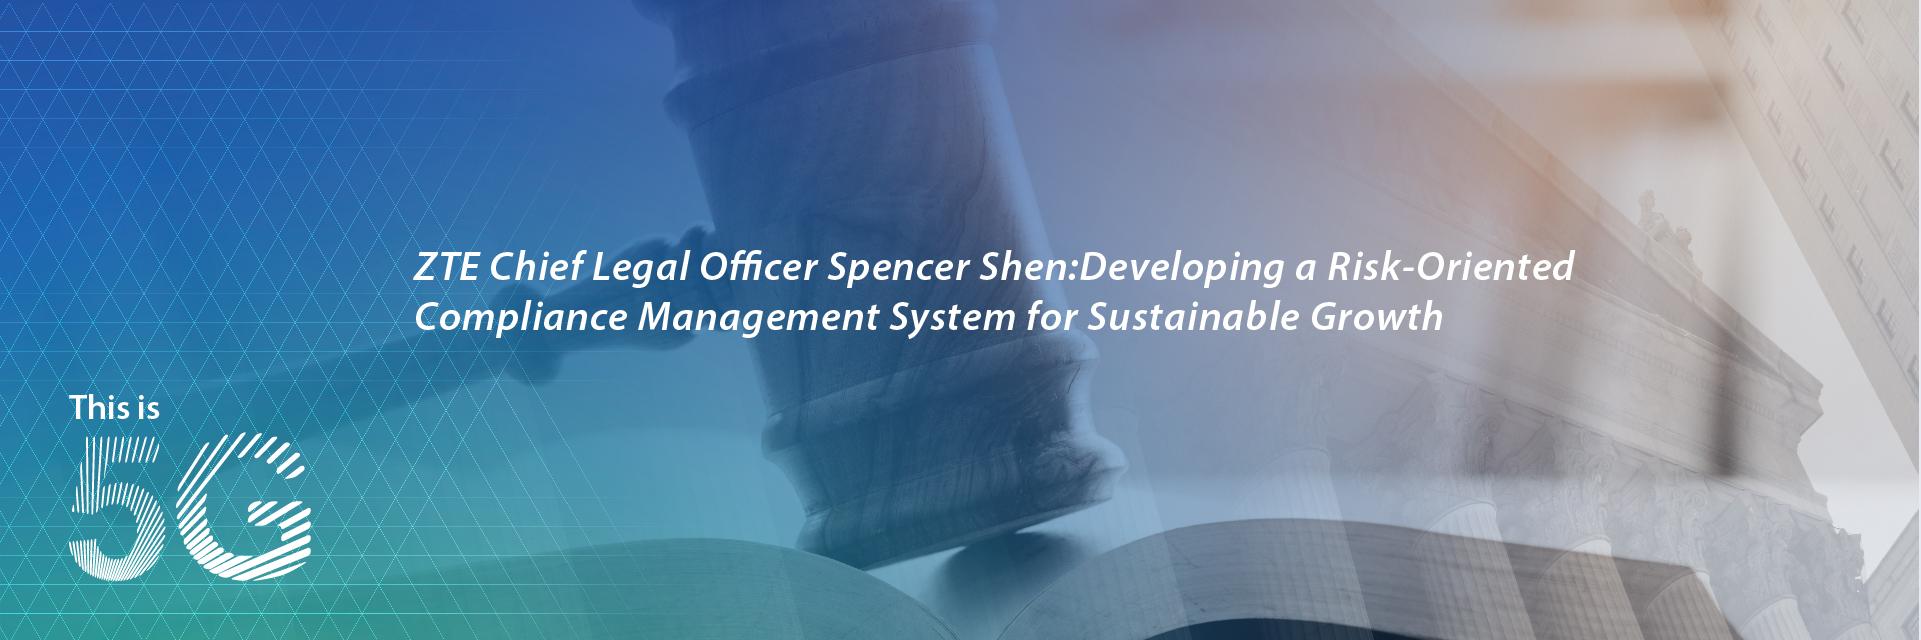 美高梅手机版登录485 Chief Legal Officer Spencer Shen:Developing a Risk-Oriented Compliance Management System for Sustainable Growth